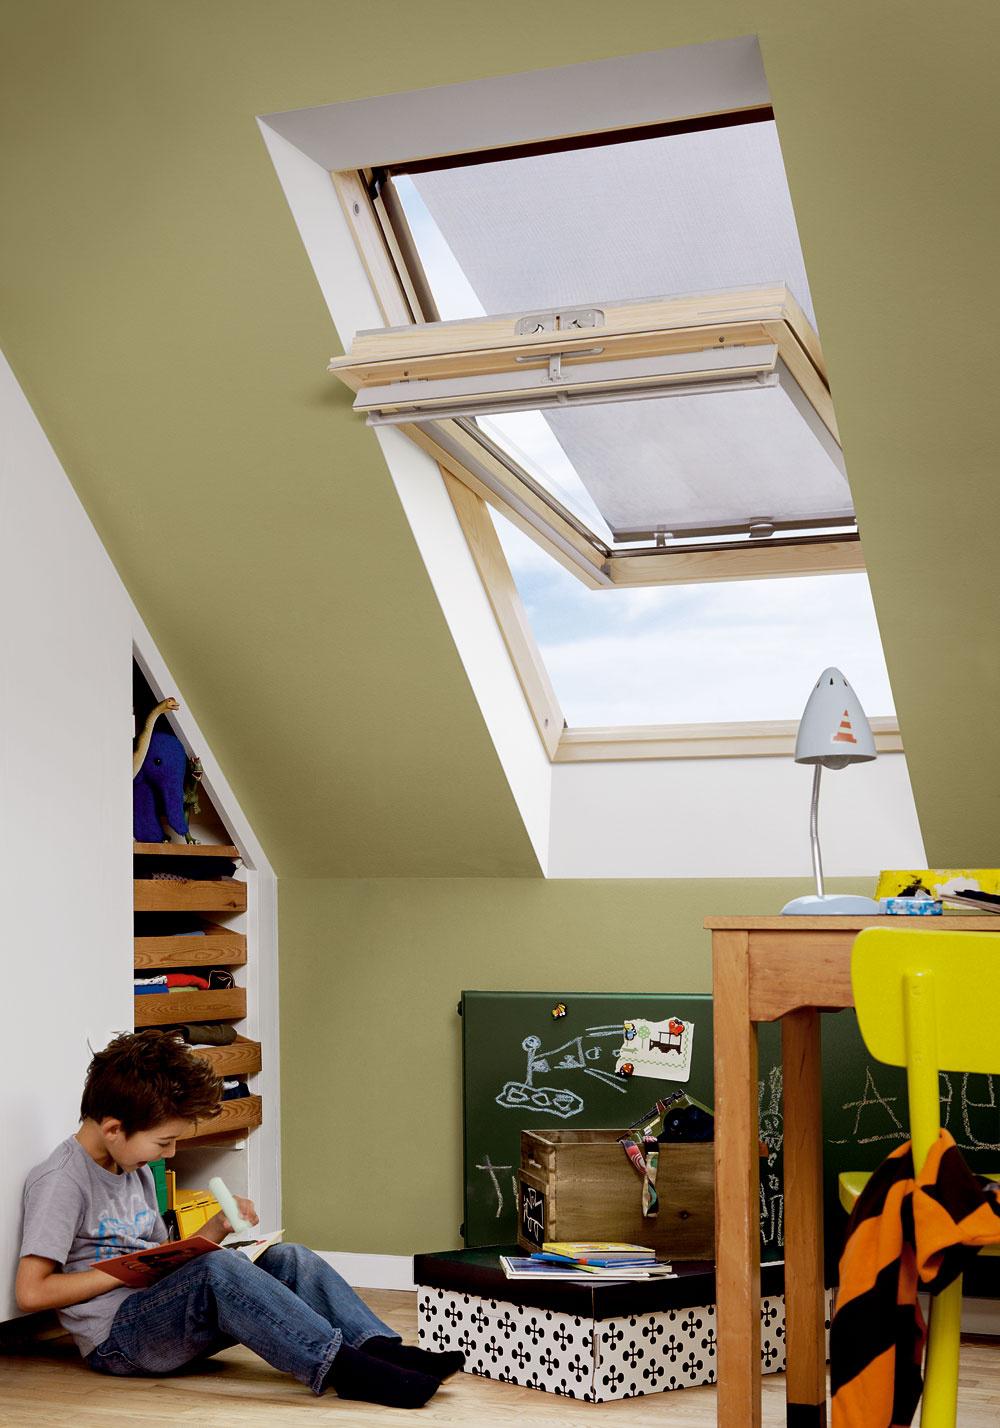 Strešné okno osadené vnaklonenej rovine strechy je už klasickým spôsobom ako vniesť denné svetlo do podkrovia.  Bezpečnostné predpisy hovoria, že spodný okraj strešného okna by sa mal ocitnúť maximálne vo výške 1 200 mm nad úrovňou podlahy ahorný okraj okraj by mal siahať minimálne do výšky 1 900 mm.